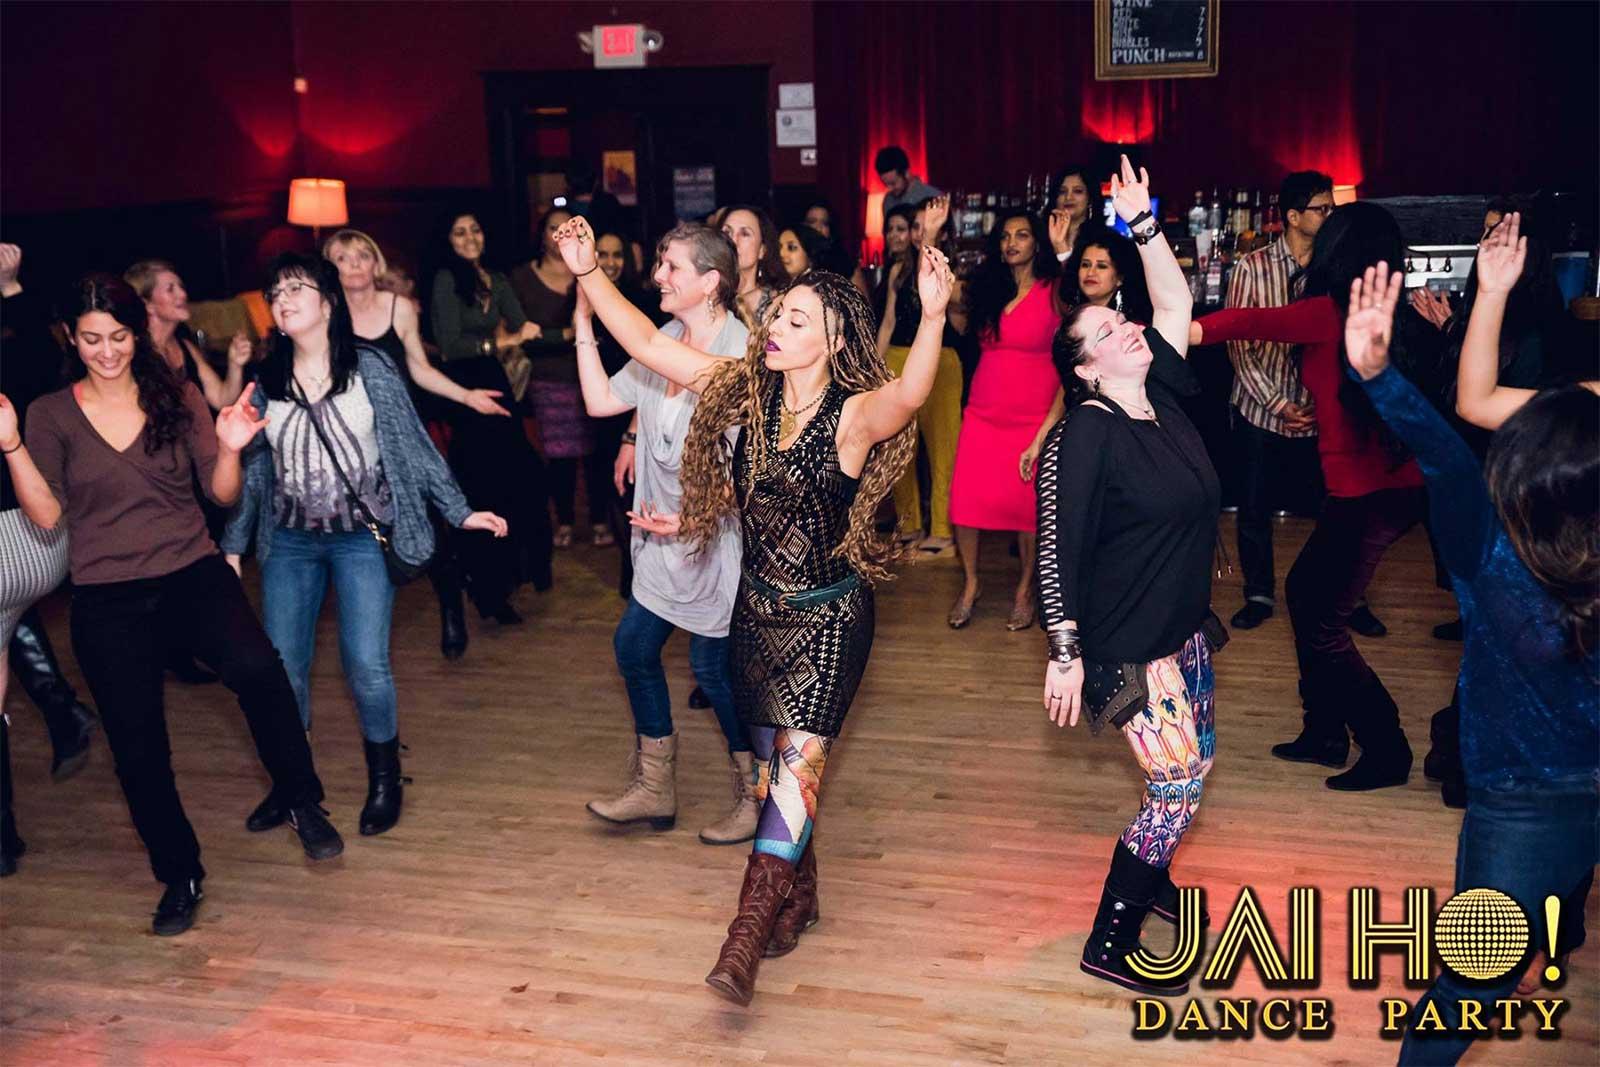 Portland Dance Party